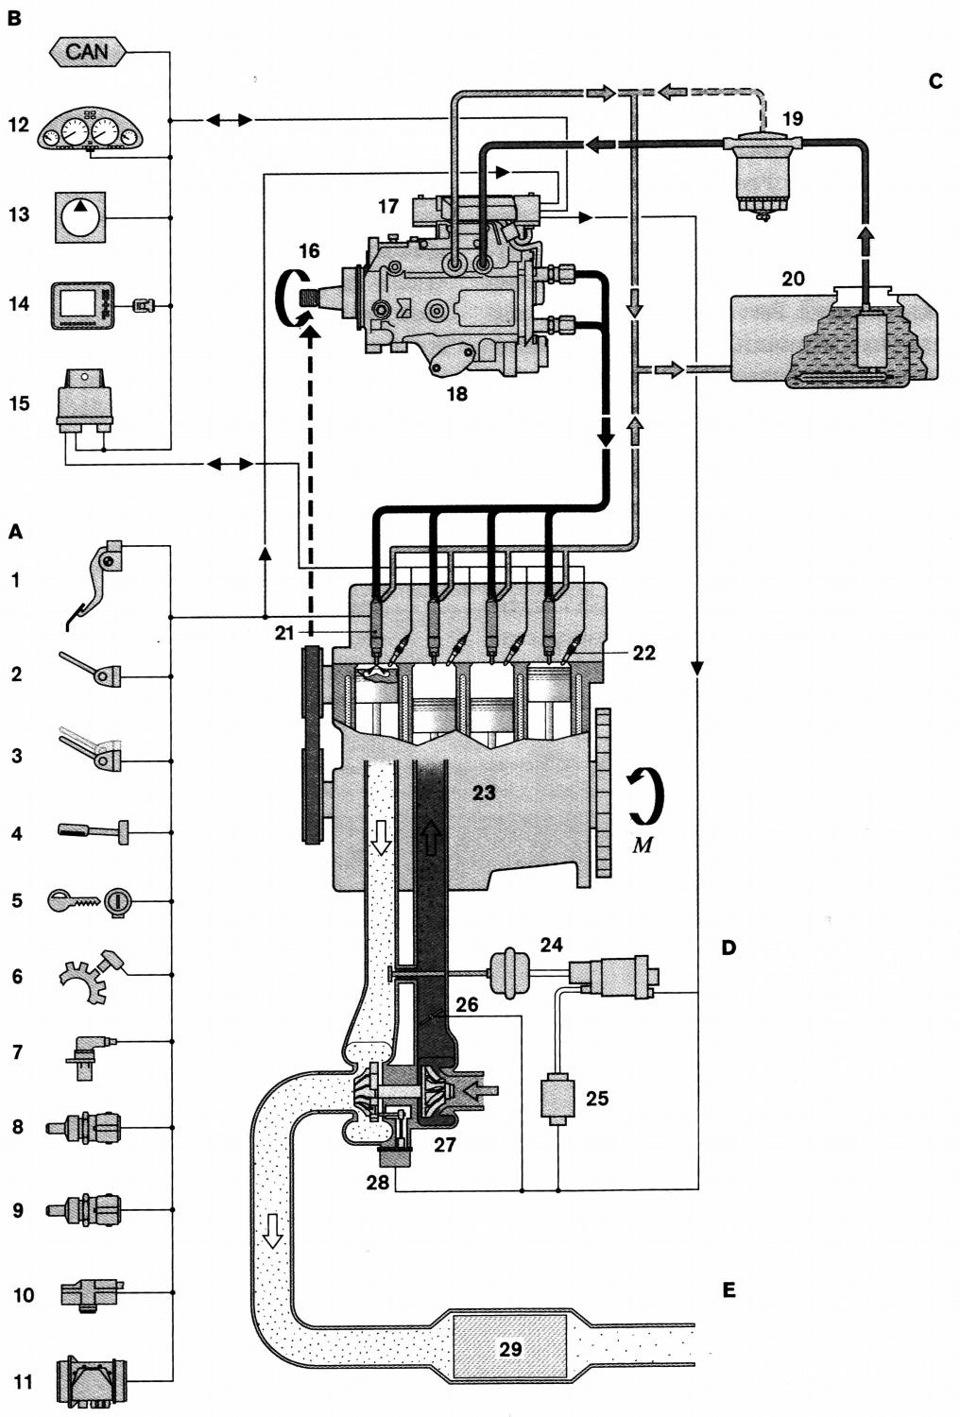 топливная система дизельного двигателя тди на фиате